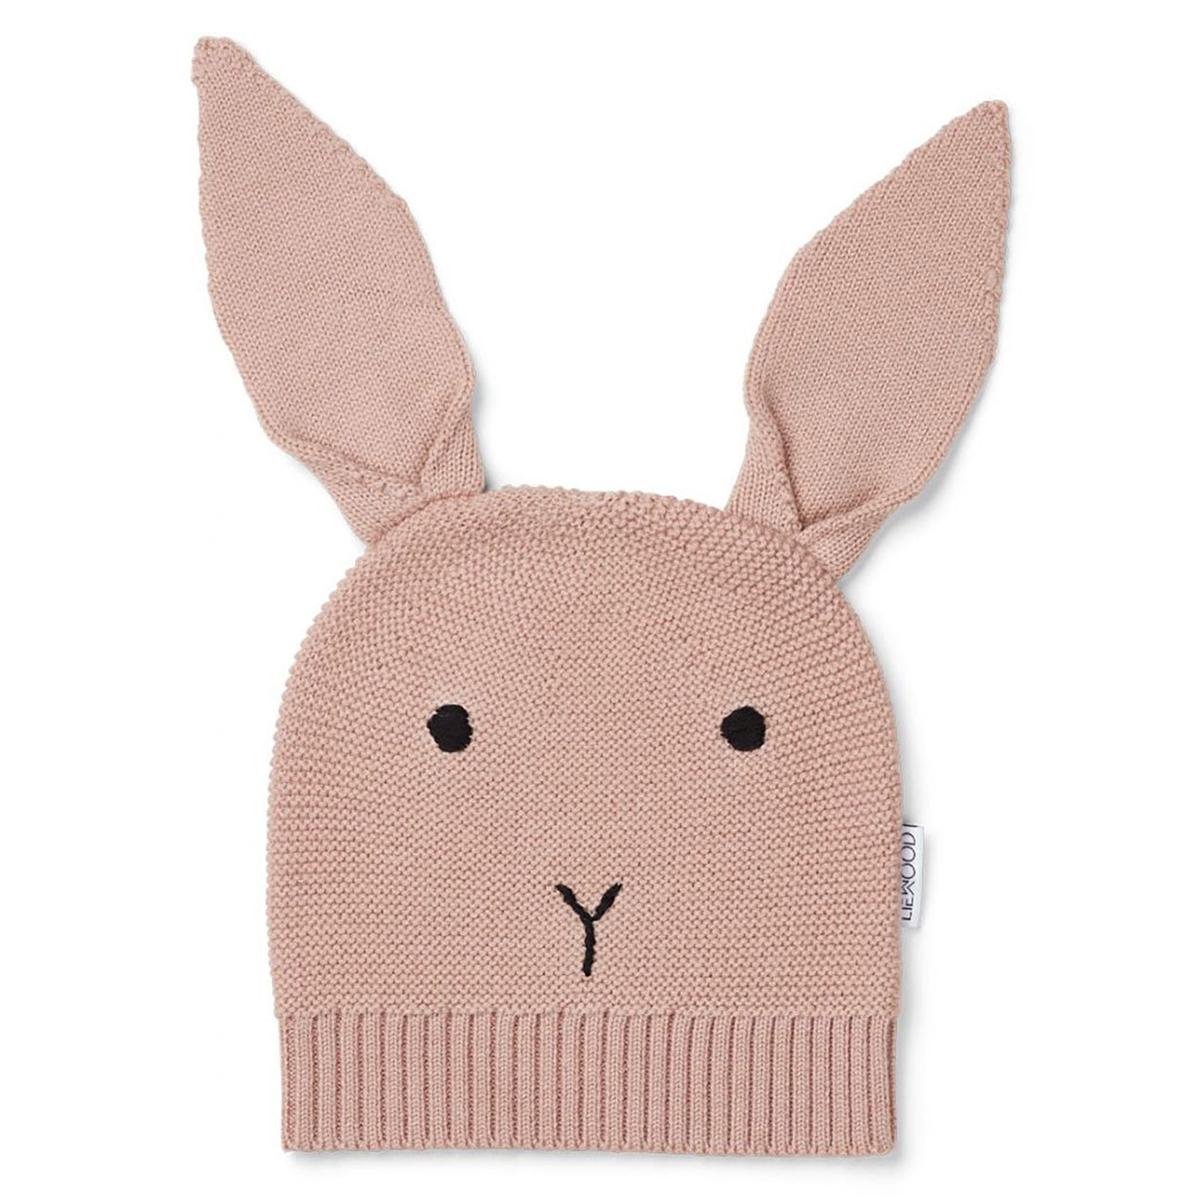 Accessoires Bébé Bonnet Viggo Rabbit Rose - 0/6 Mois Bonnet Viggo Rabbit Rose - 0/6 Mois